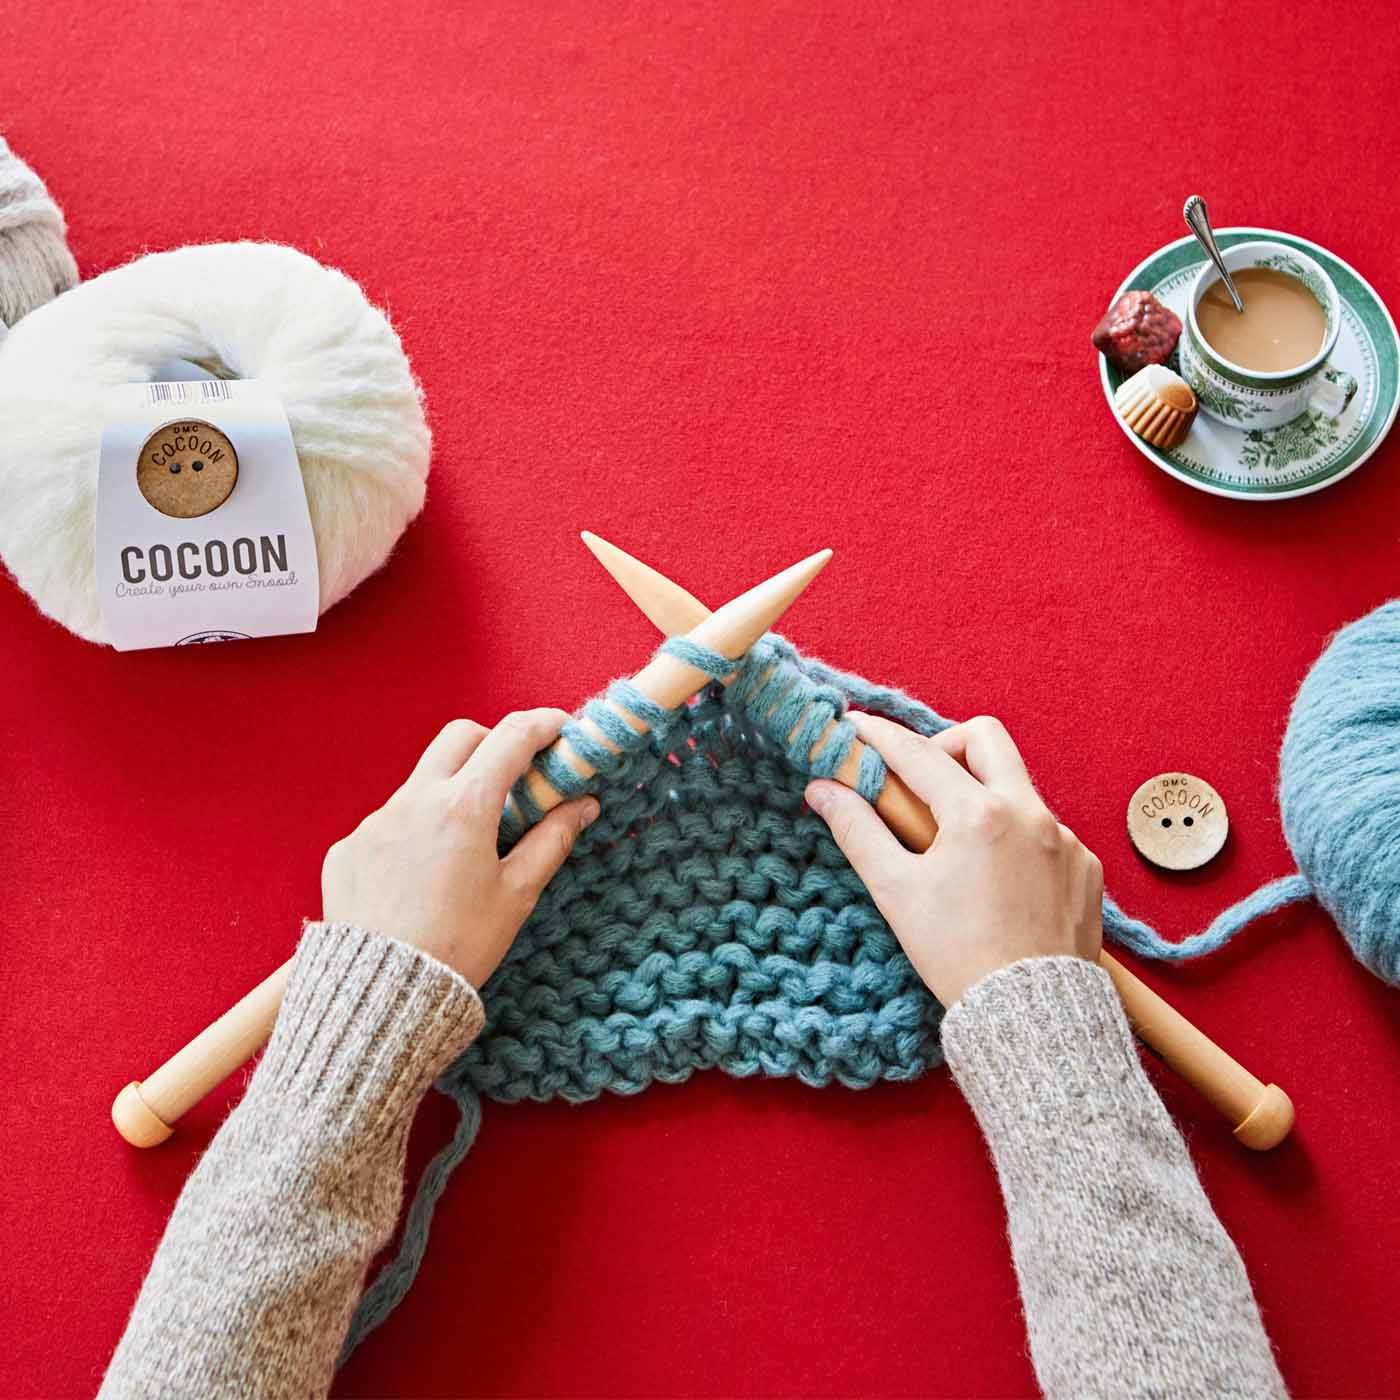 1目が大きいので、さくさく編み進められます。(※毛糸は付属しません。別途ご用意ください。)